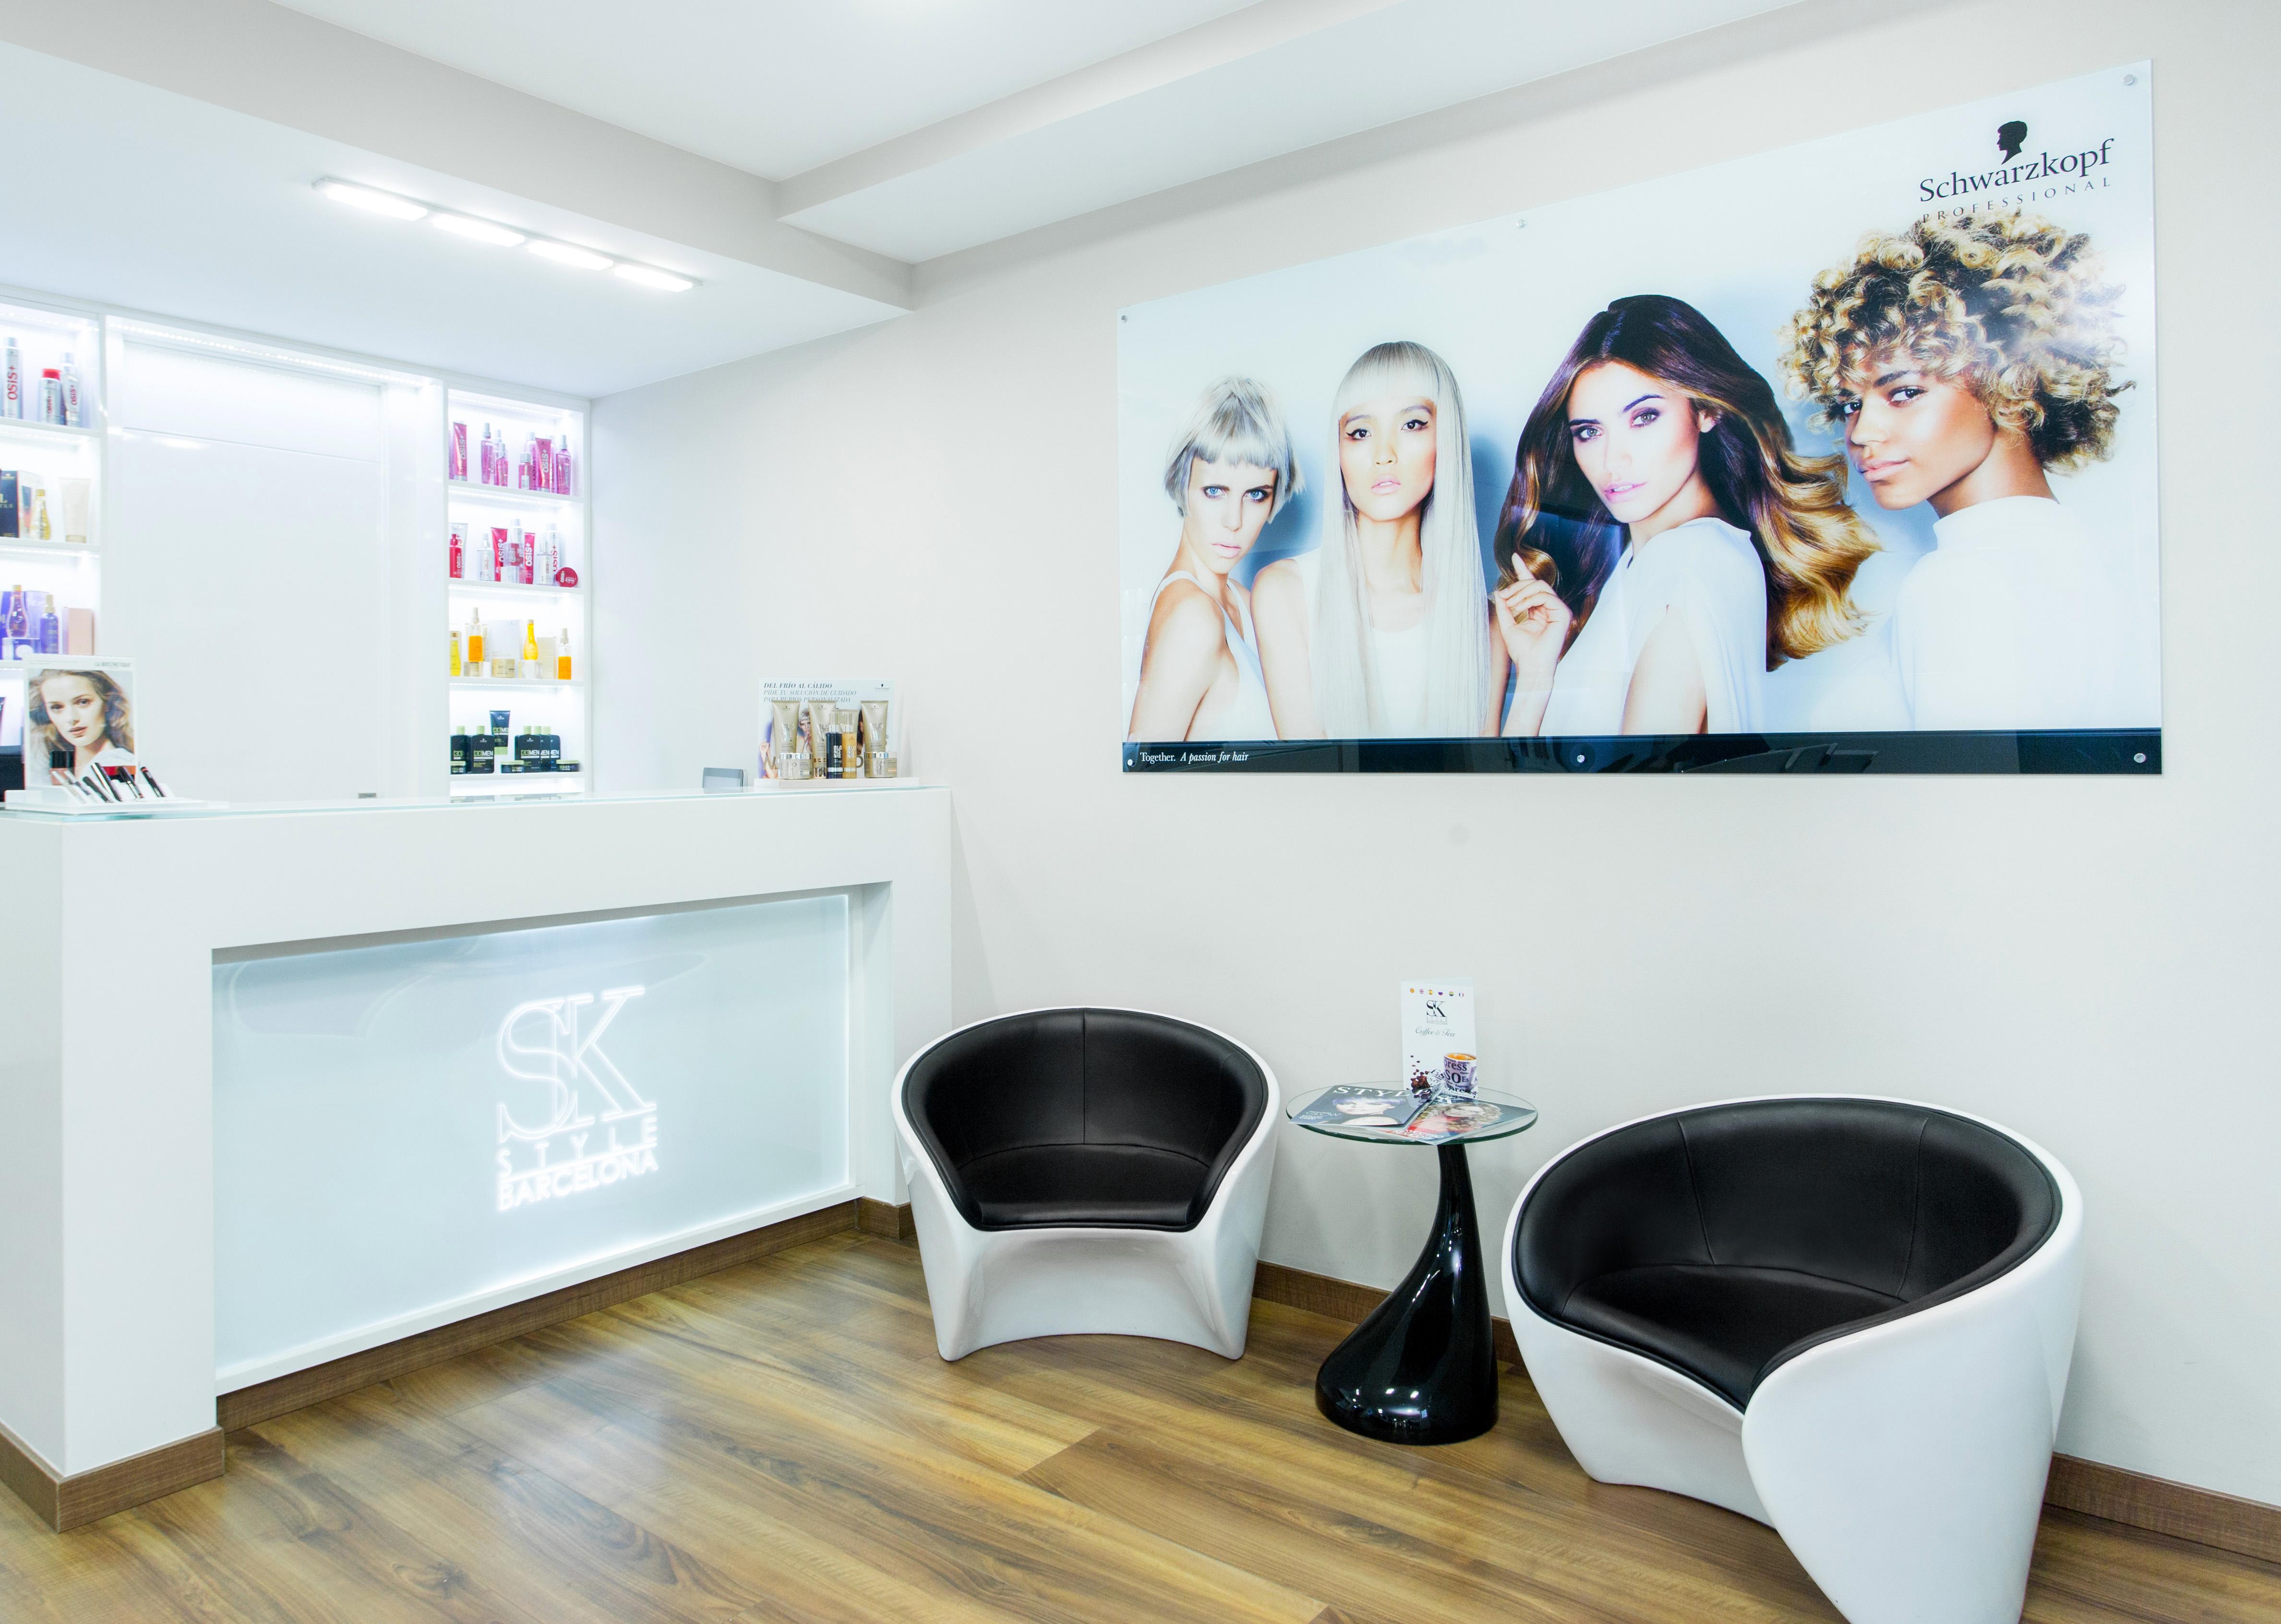 Новые косметические услуги в салоне красоты SK STYLE BARCELONA.